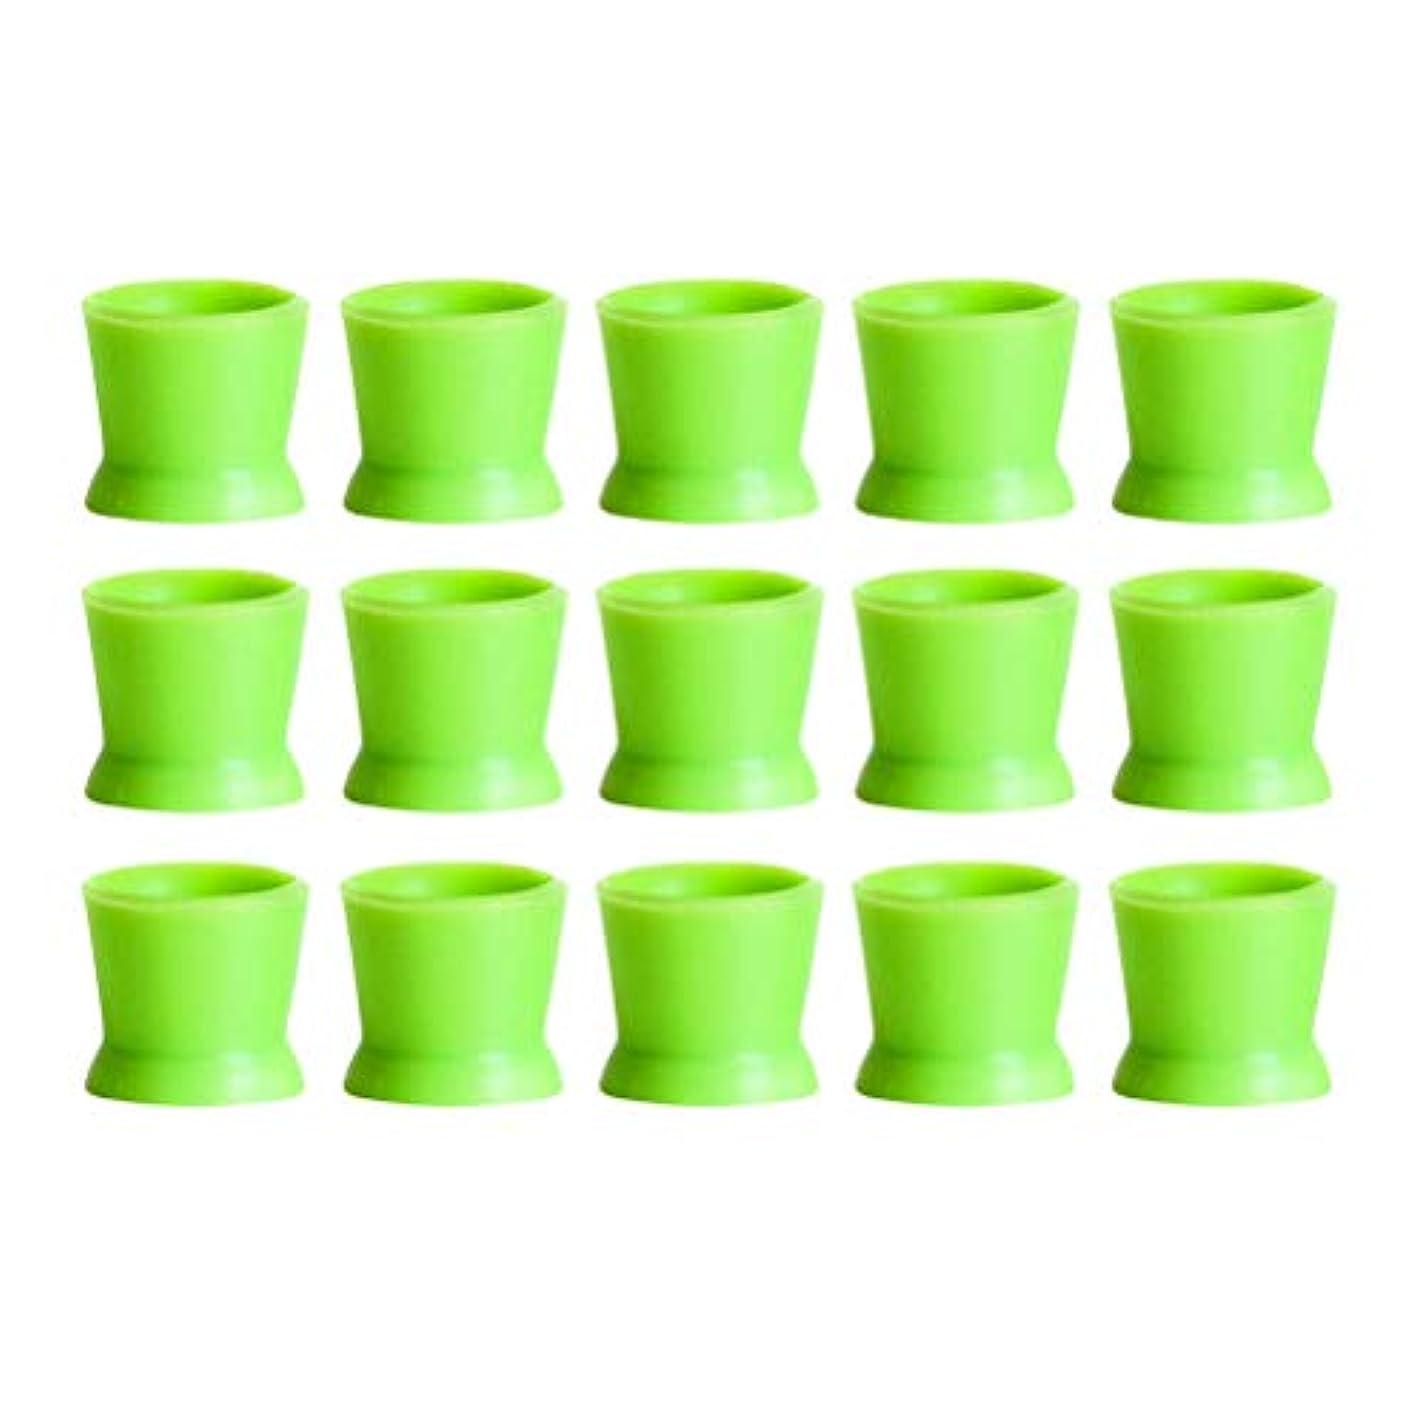 貪欲二度著名なHealifty 300PCSシリコンタトゥーインクカップ使い捨てマイクロブレーディングピグメントキャップホルダーコンテナ永久的なまつげメイクアップアイブロー(グリーン)